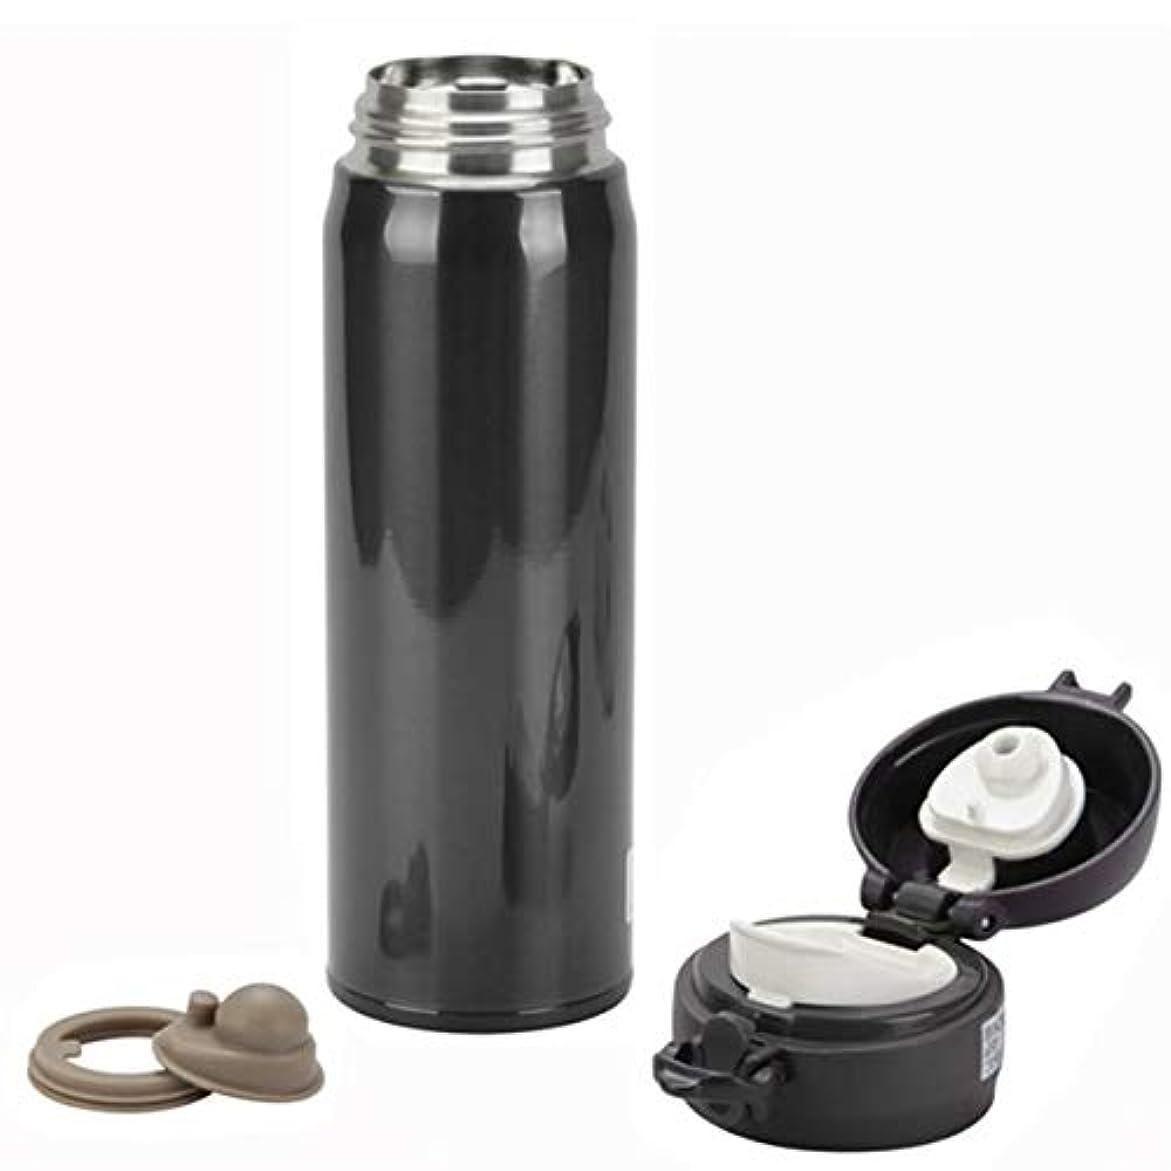 系譜小包素子Saikogoods 真空カップ 450ミリリットル ステンレス鋼 ウォーターボトル 飲料ボトル 断熱カップ ポットを保つ運動をする ソリッドカラー シンプルなデザイン 黒